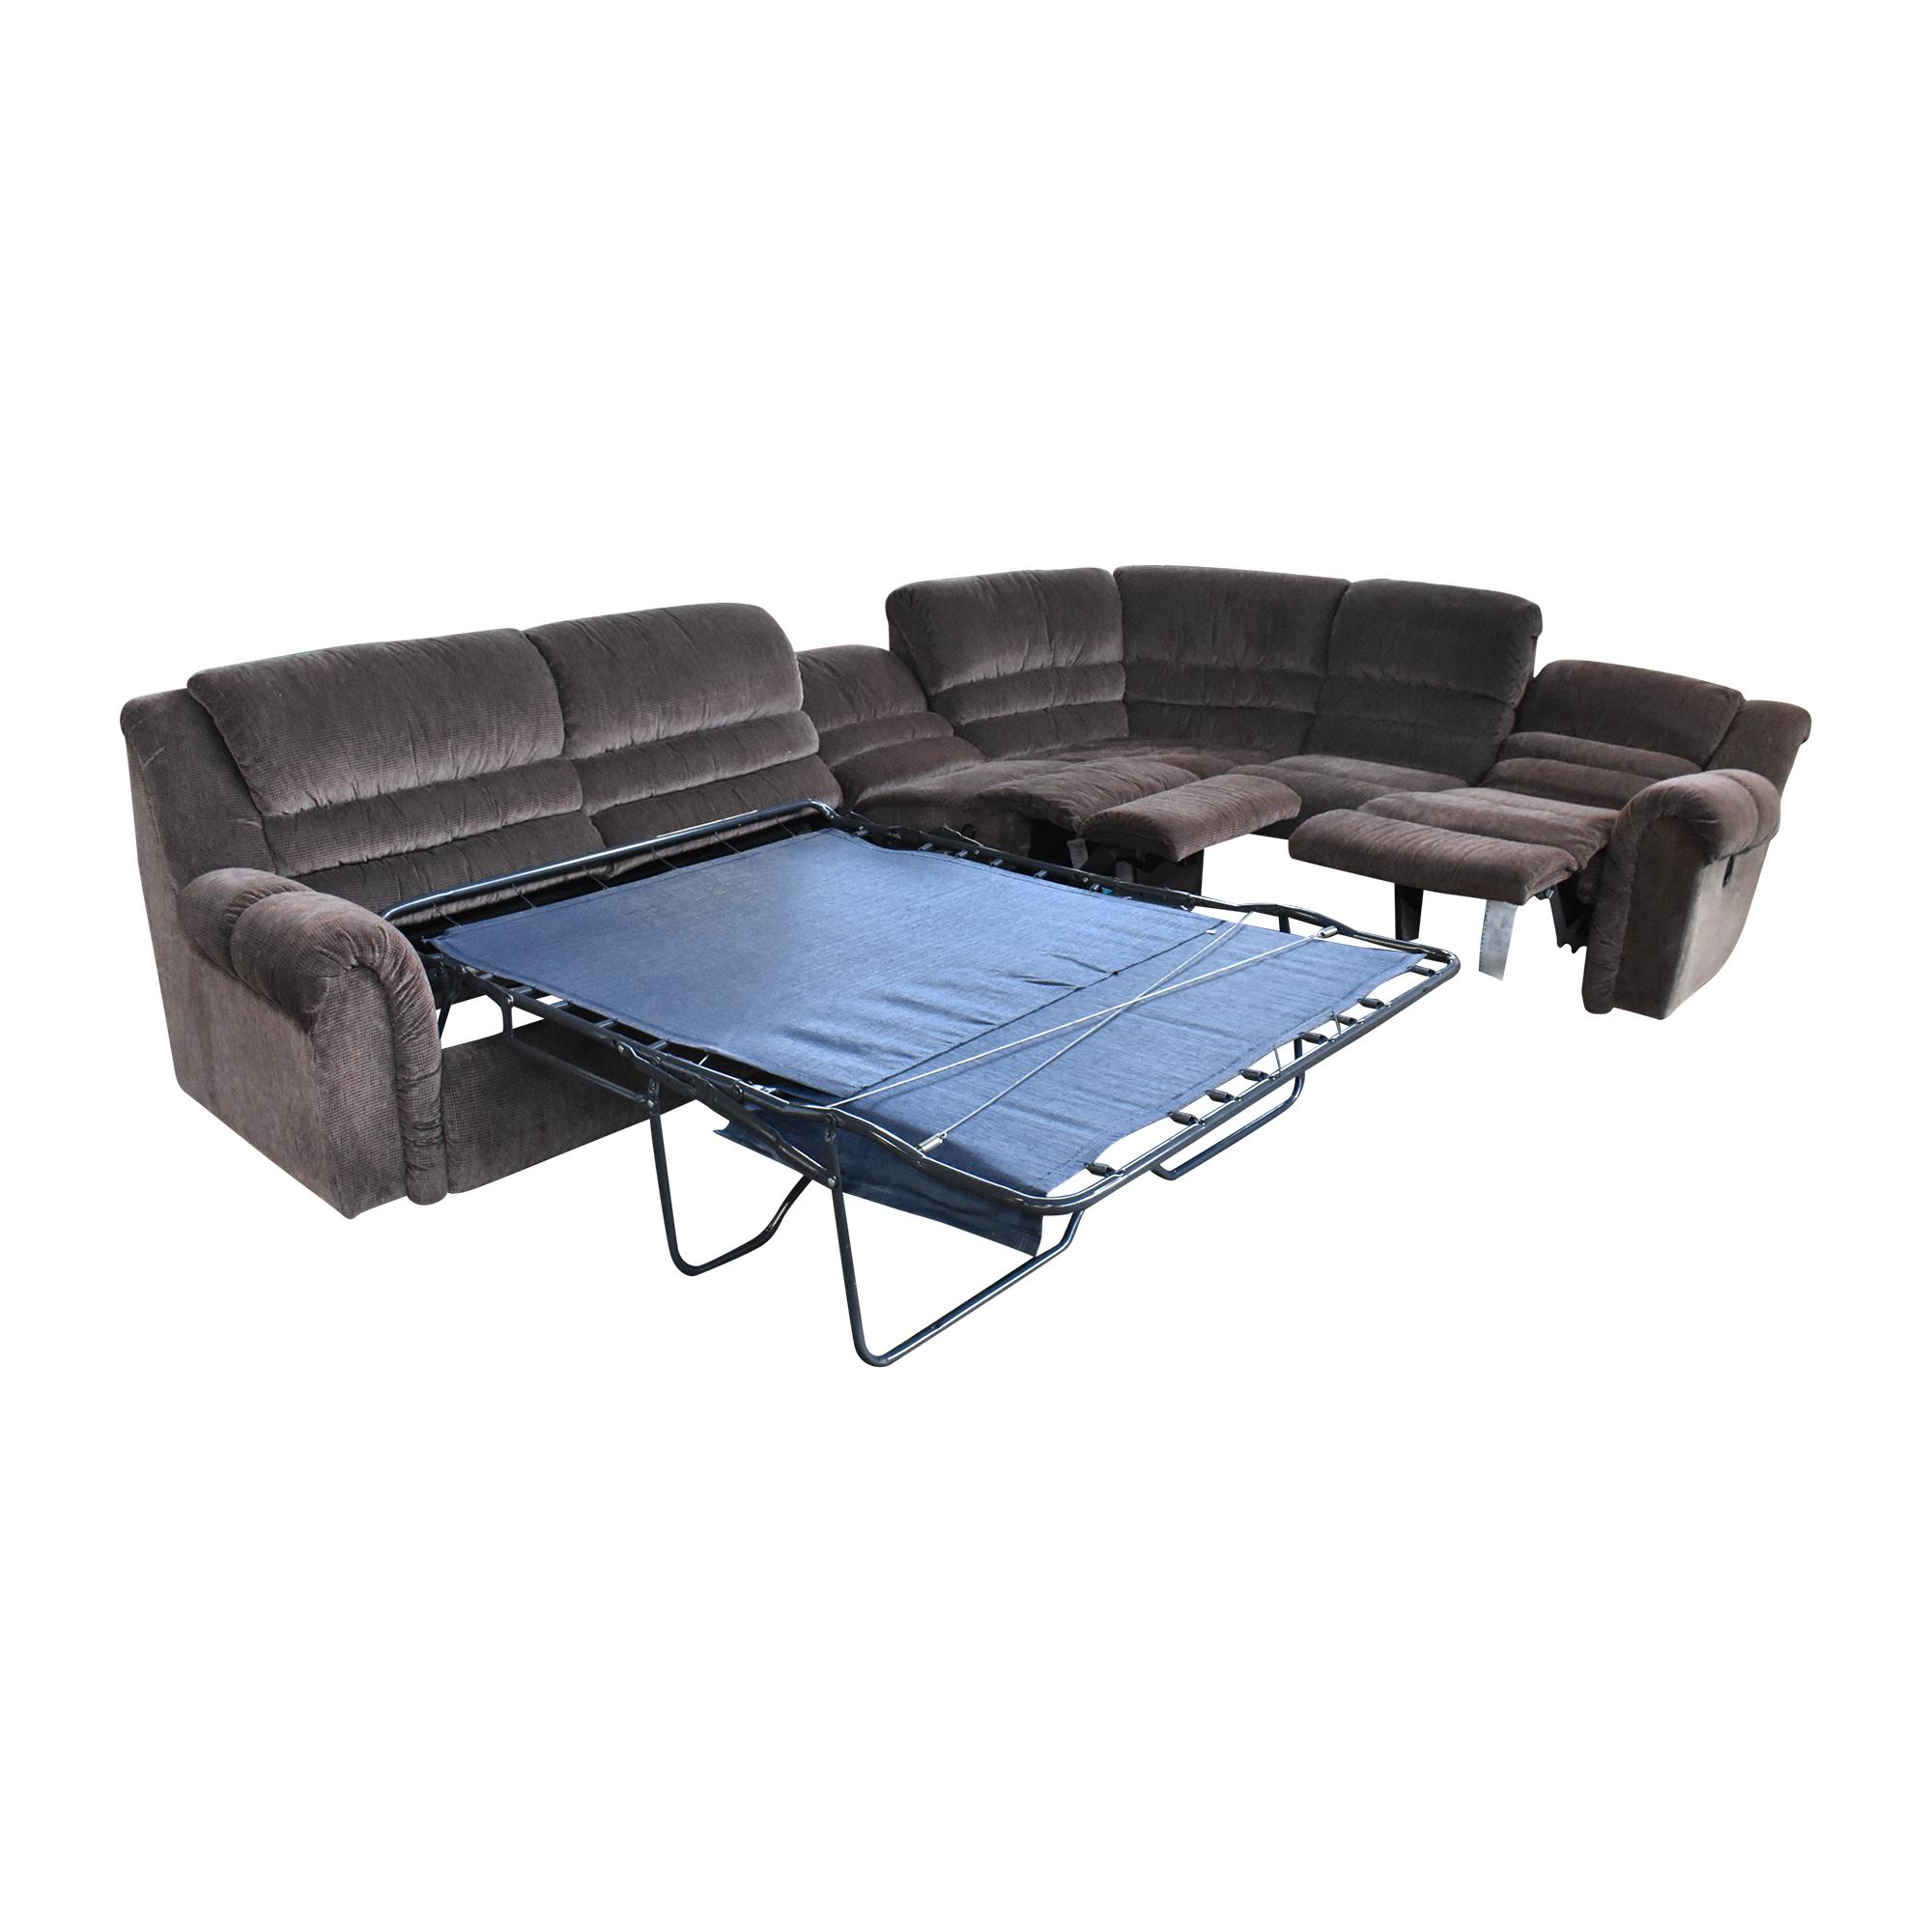 65 off la z boy la z boy sleeper sectional sofa with recliners sofas